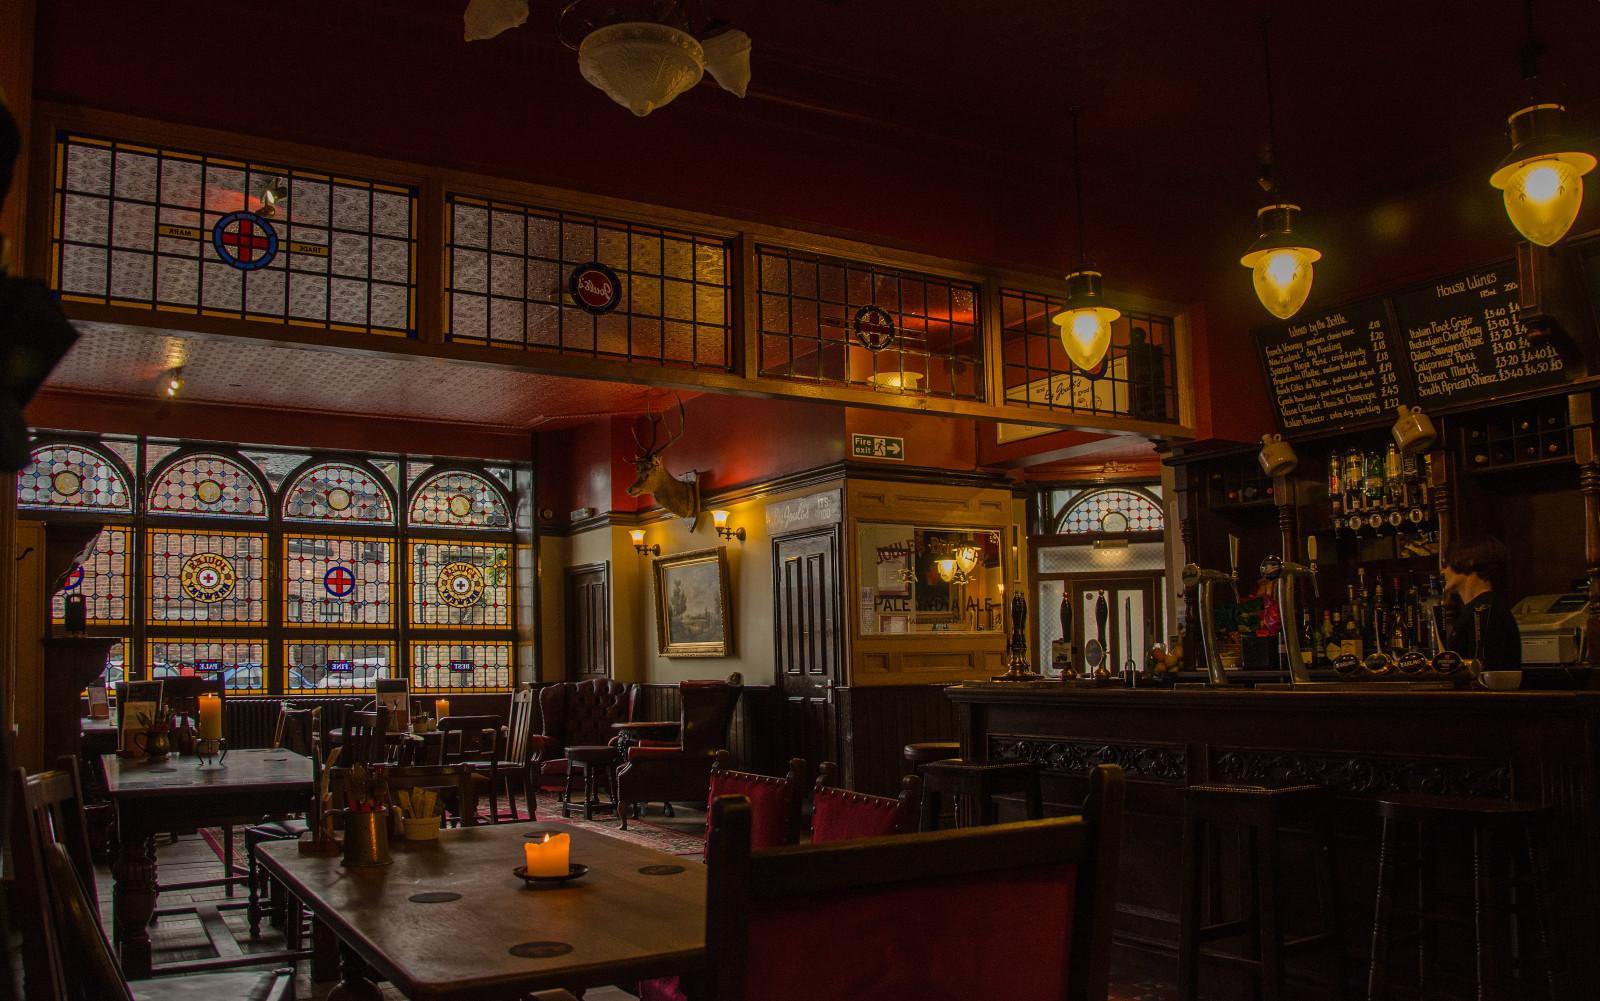 Innenarchitektur Cafe hintergrundbilder bar taverne pub restaurant innenarchitektur